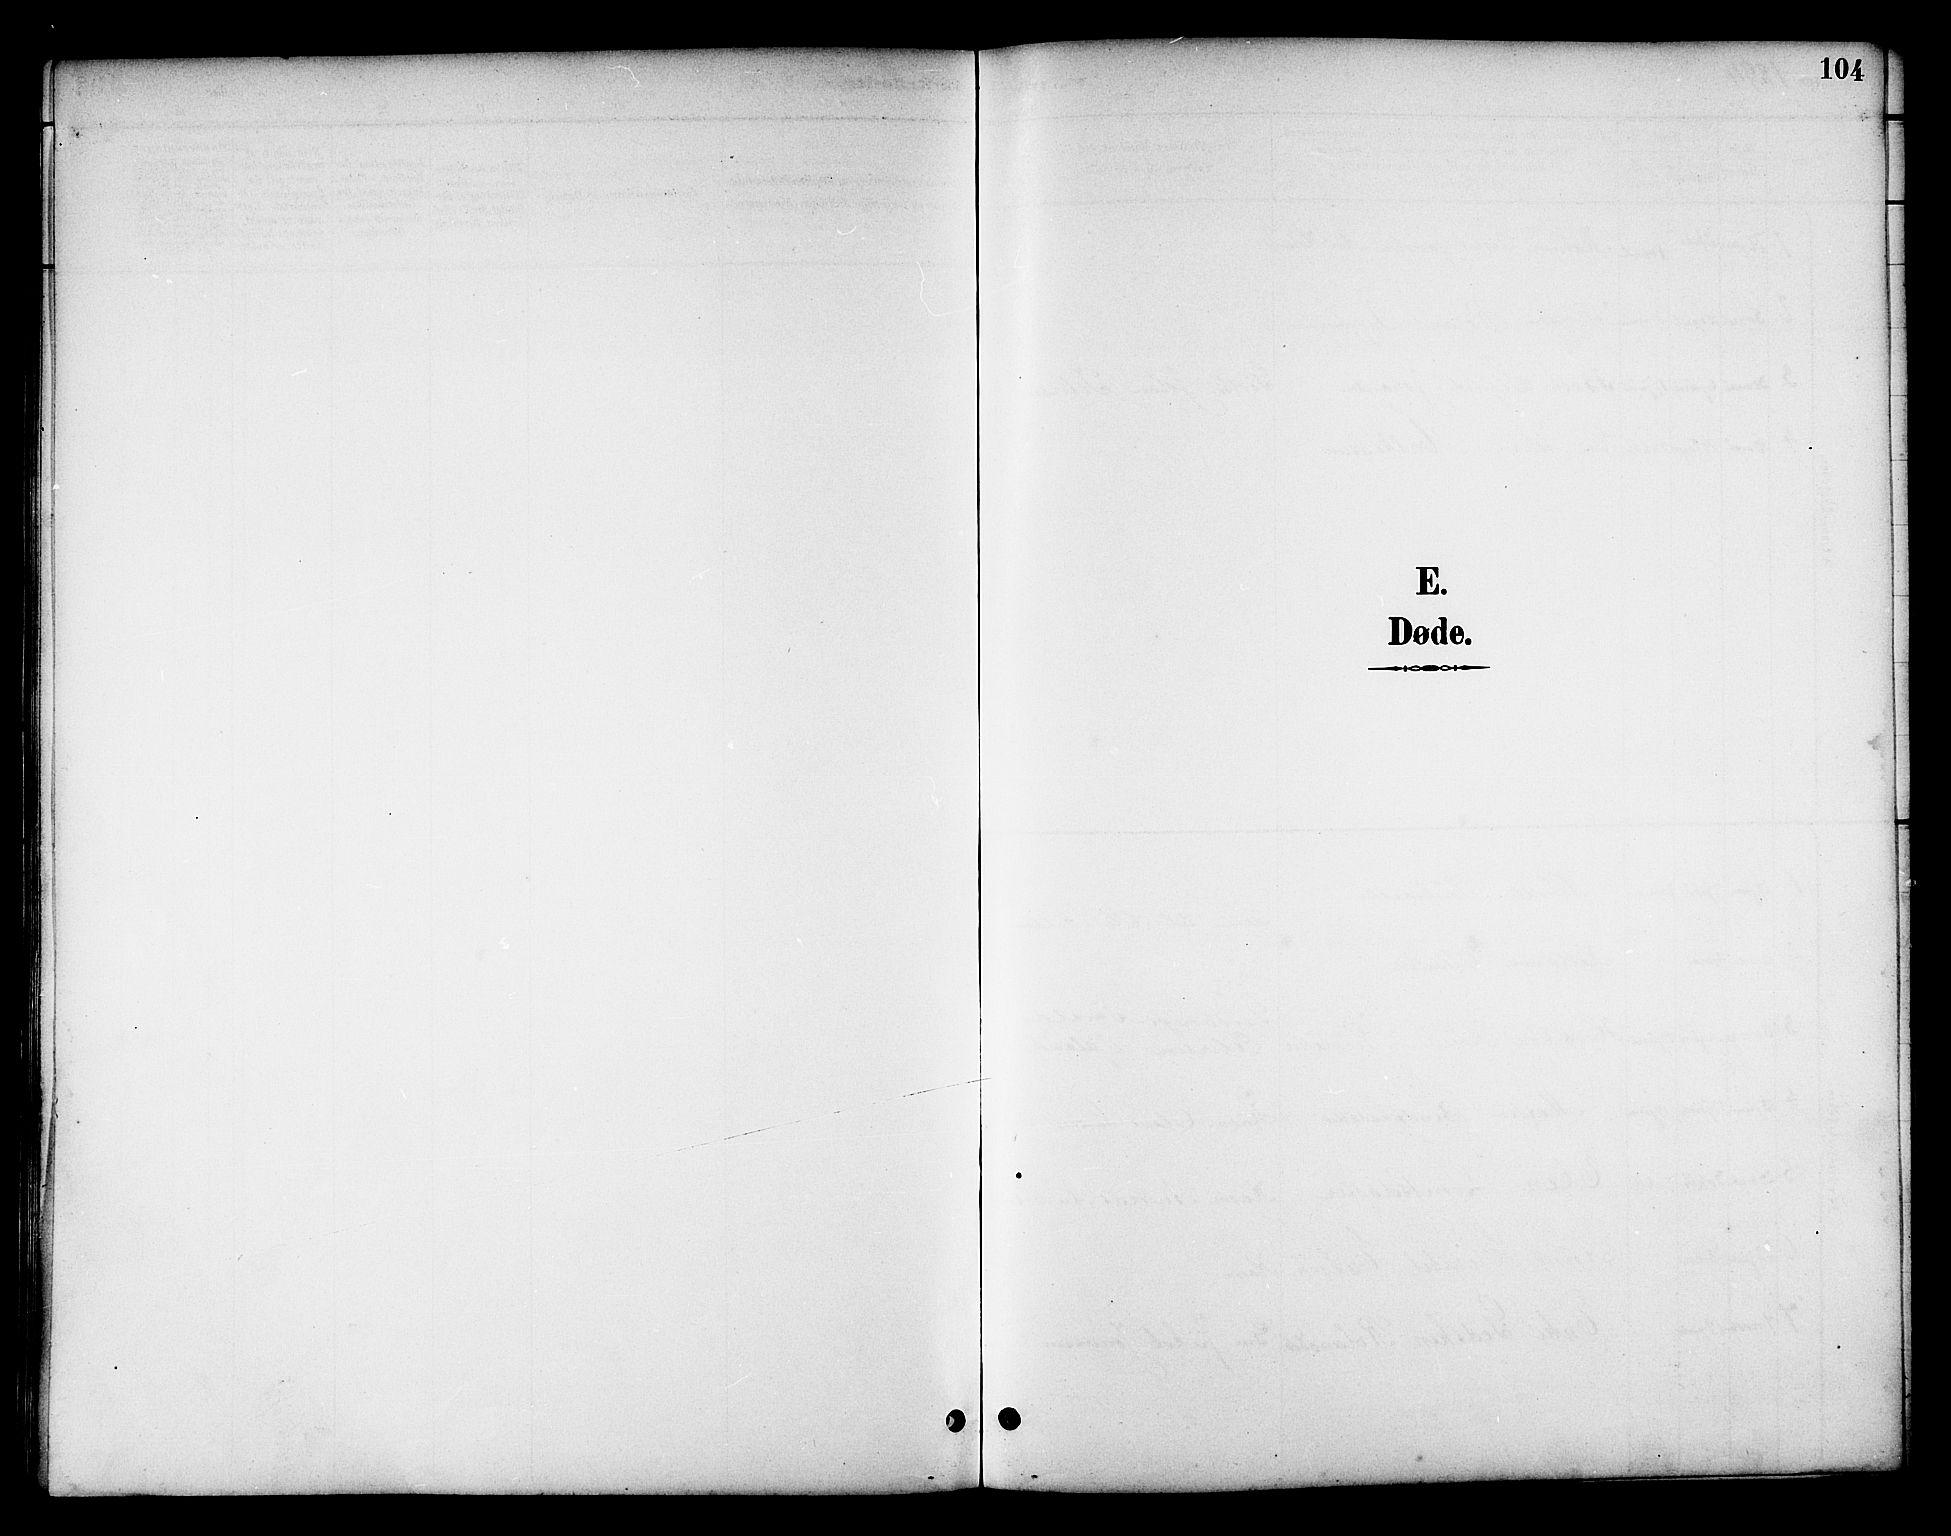 SAT, Ministerialprotokoller, klokkerbøker og fødselsregistre - Nord-Trøndelag, 783/L0662: Klokkerbok nr. 783C02, 1894-1919, s. 104